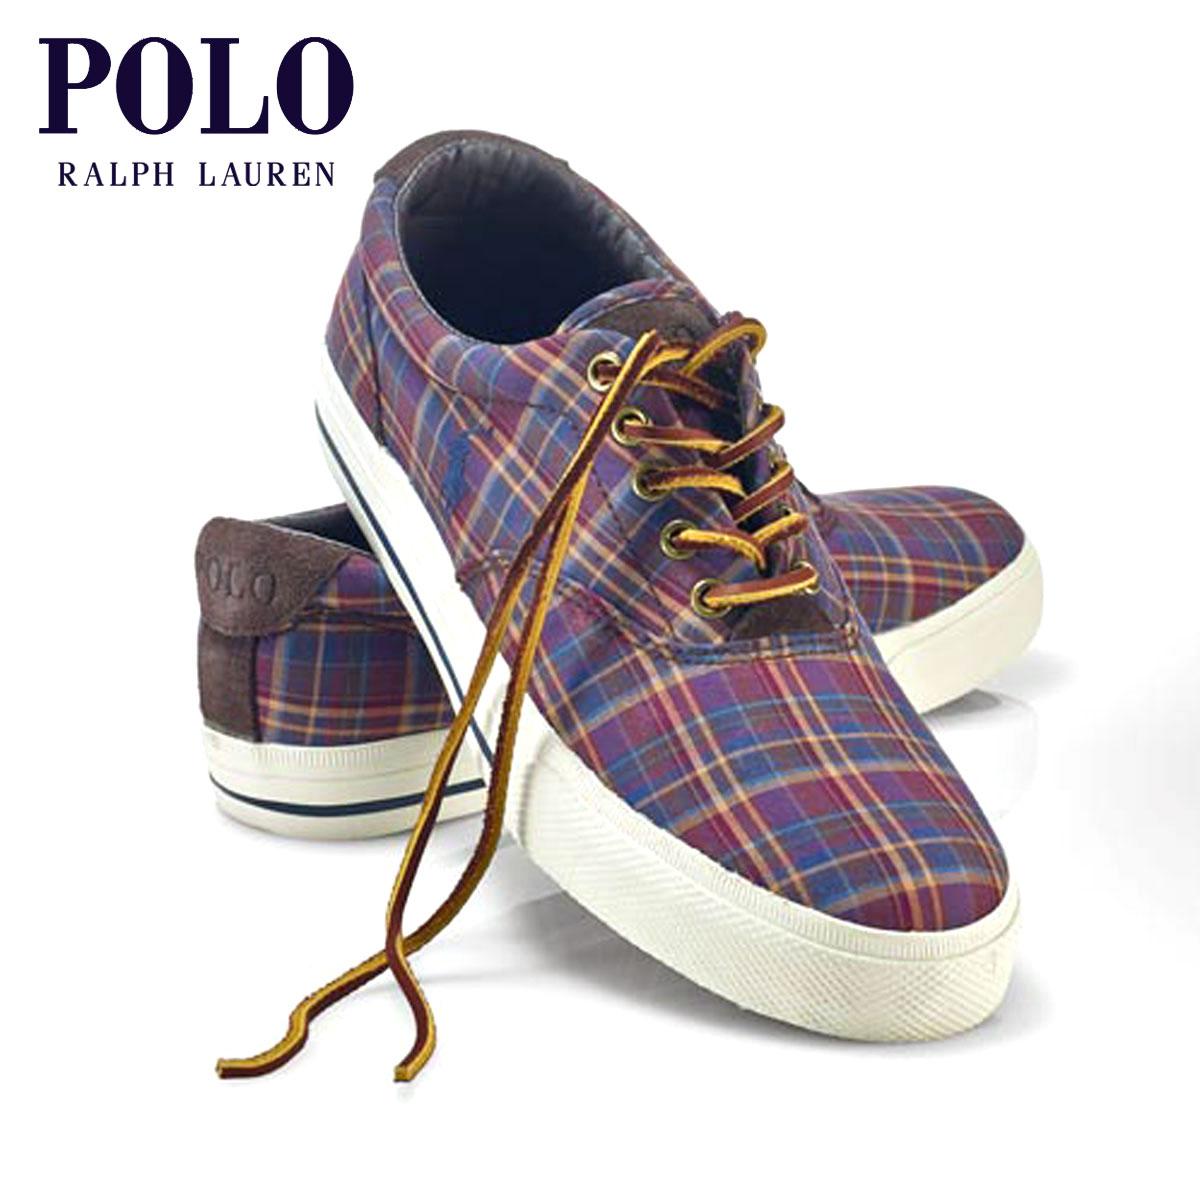 【ポイント10倍 9/15 10:00~9/19 9:59まで】 ポロ ラルフローレン POLO RALPH LAUREN 正規品 メンズ 靴 シューズ PLAID TWILL VAUGHN SNEAKER